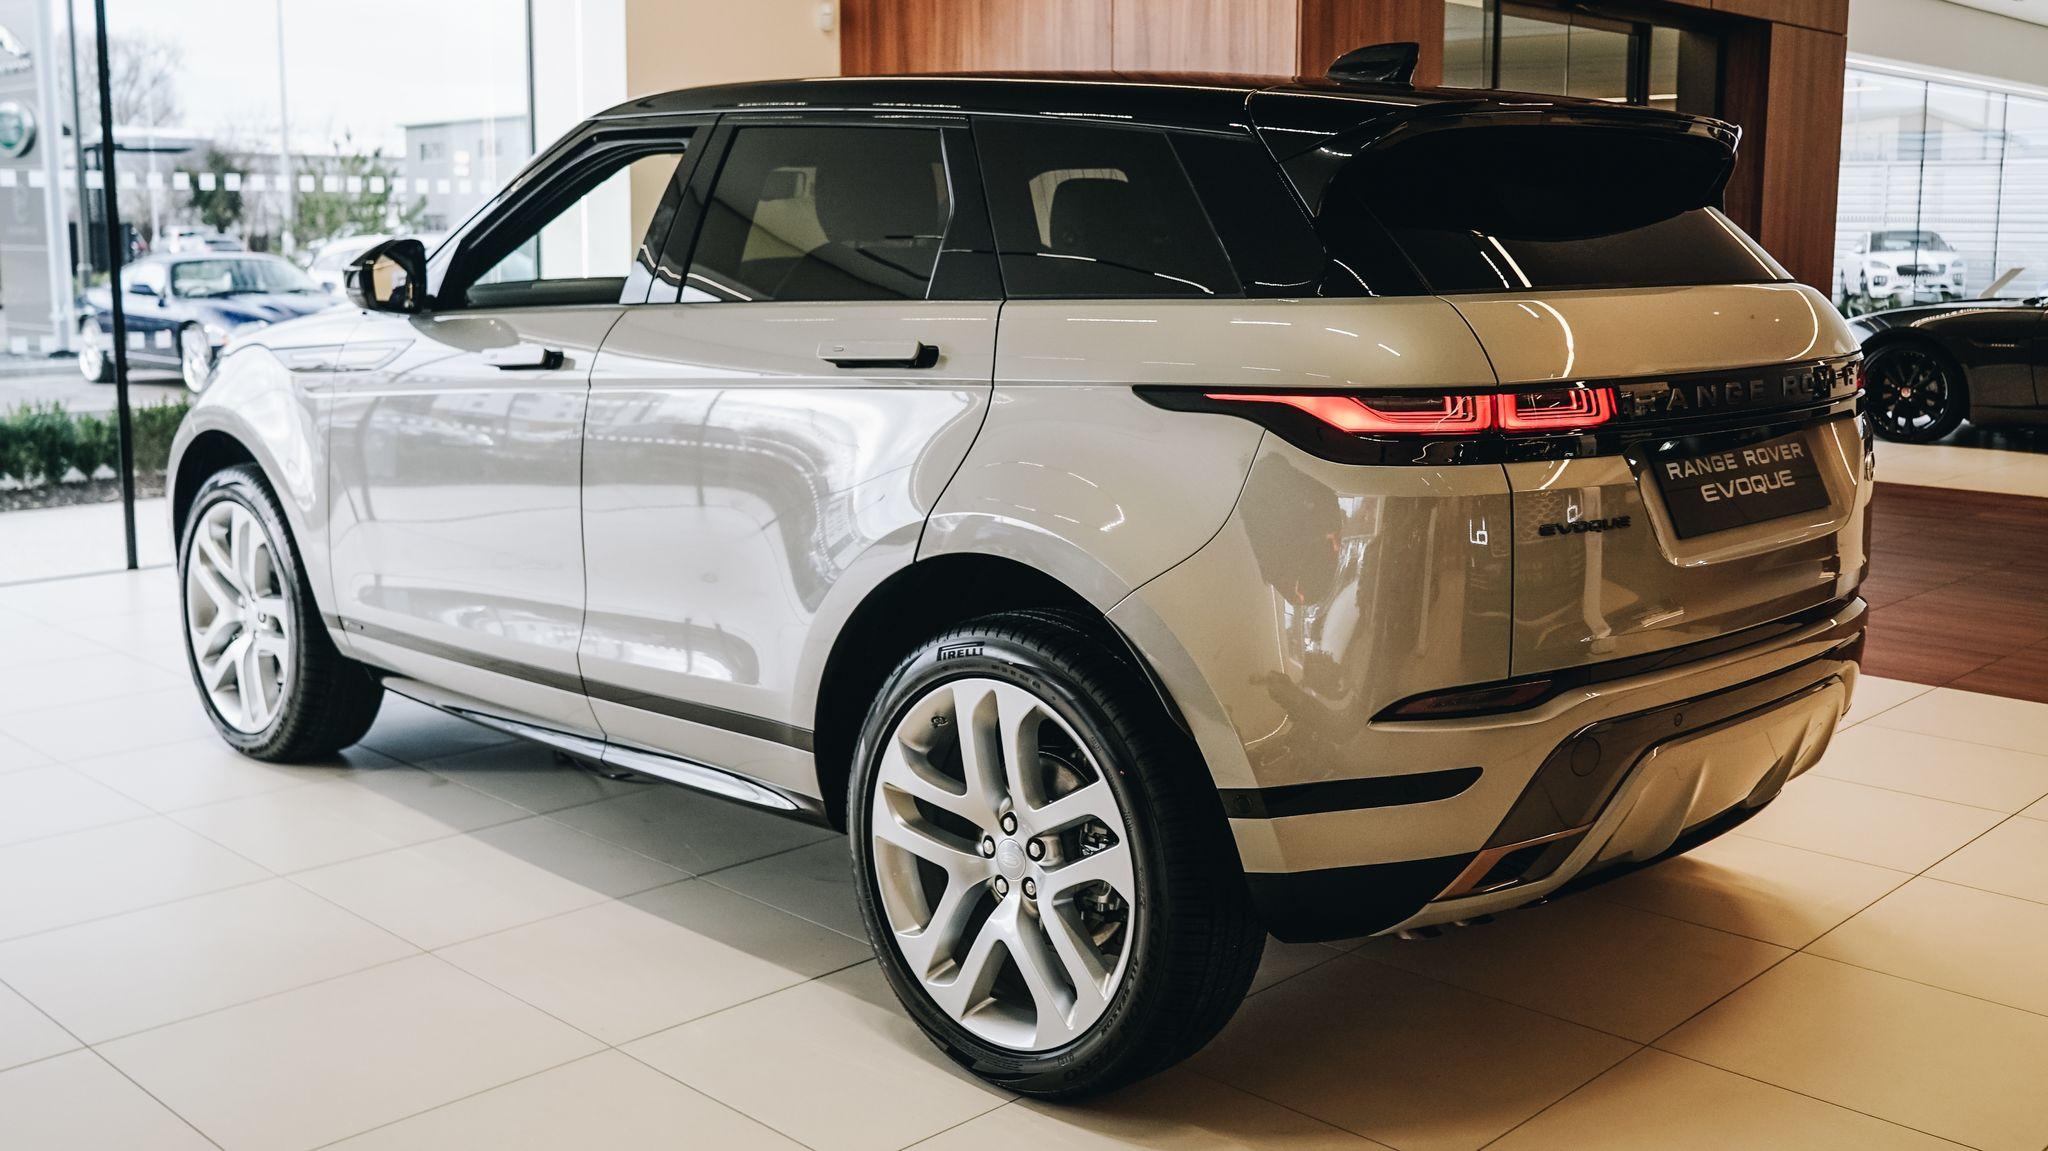 Range Rover Evoque Rear Cropped